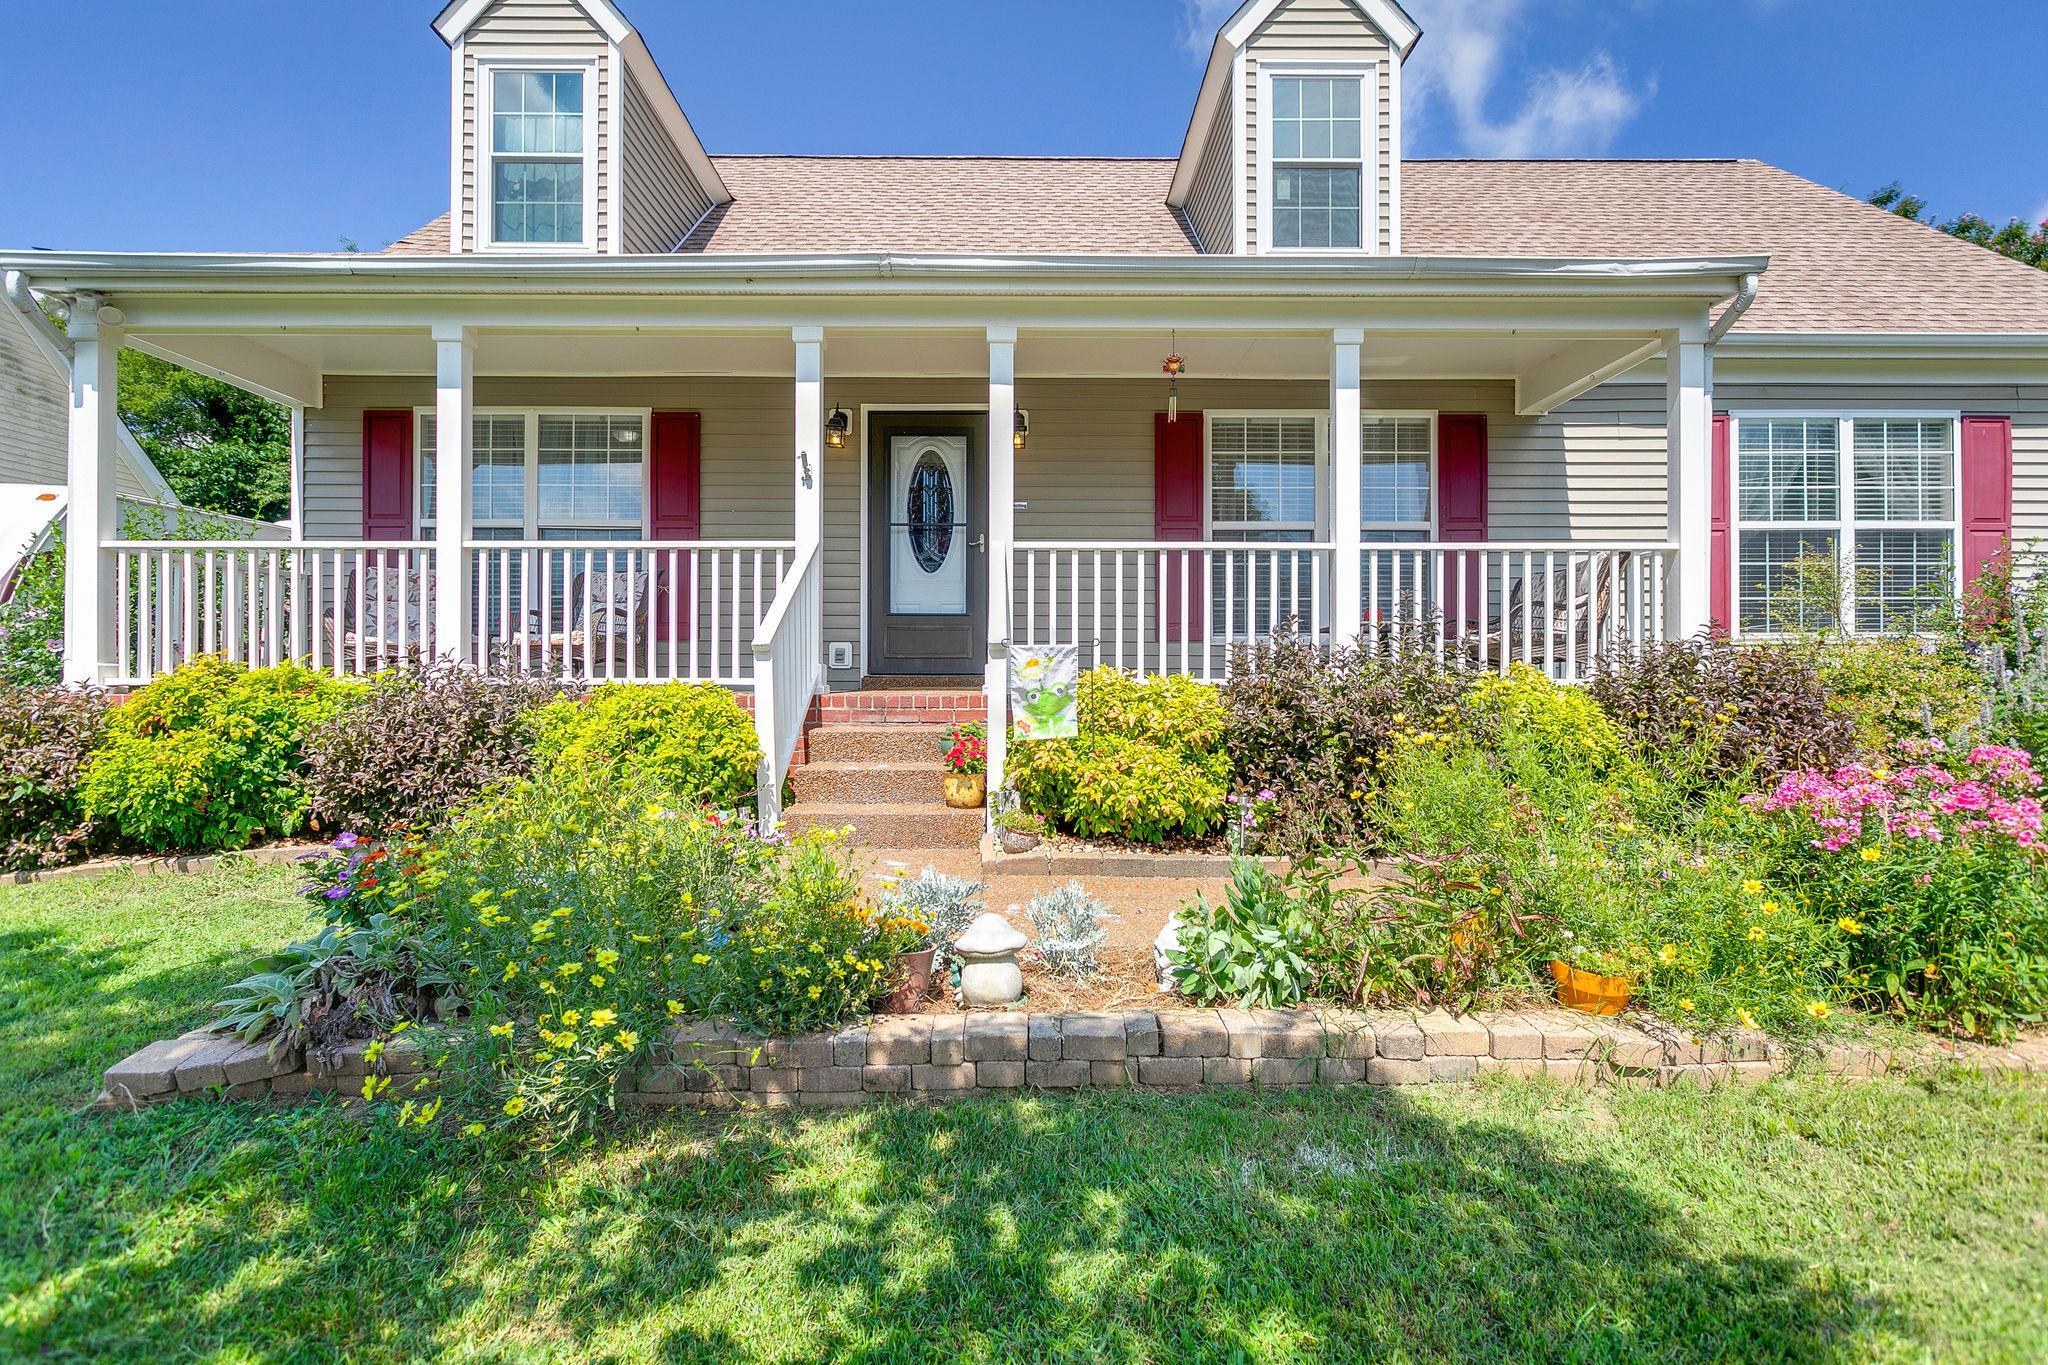 2813 Rippavilla Way, Spring Hill, TN 37174 - Spring Hill, TN real estate listing